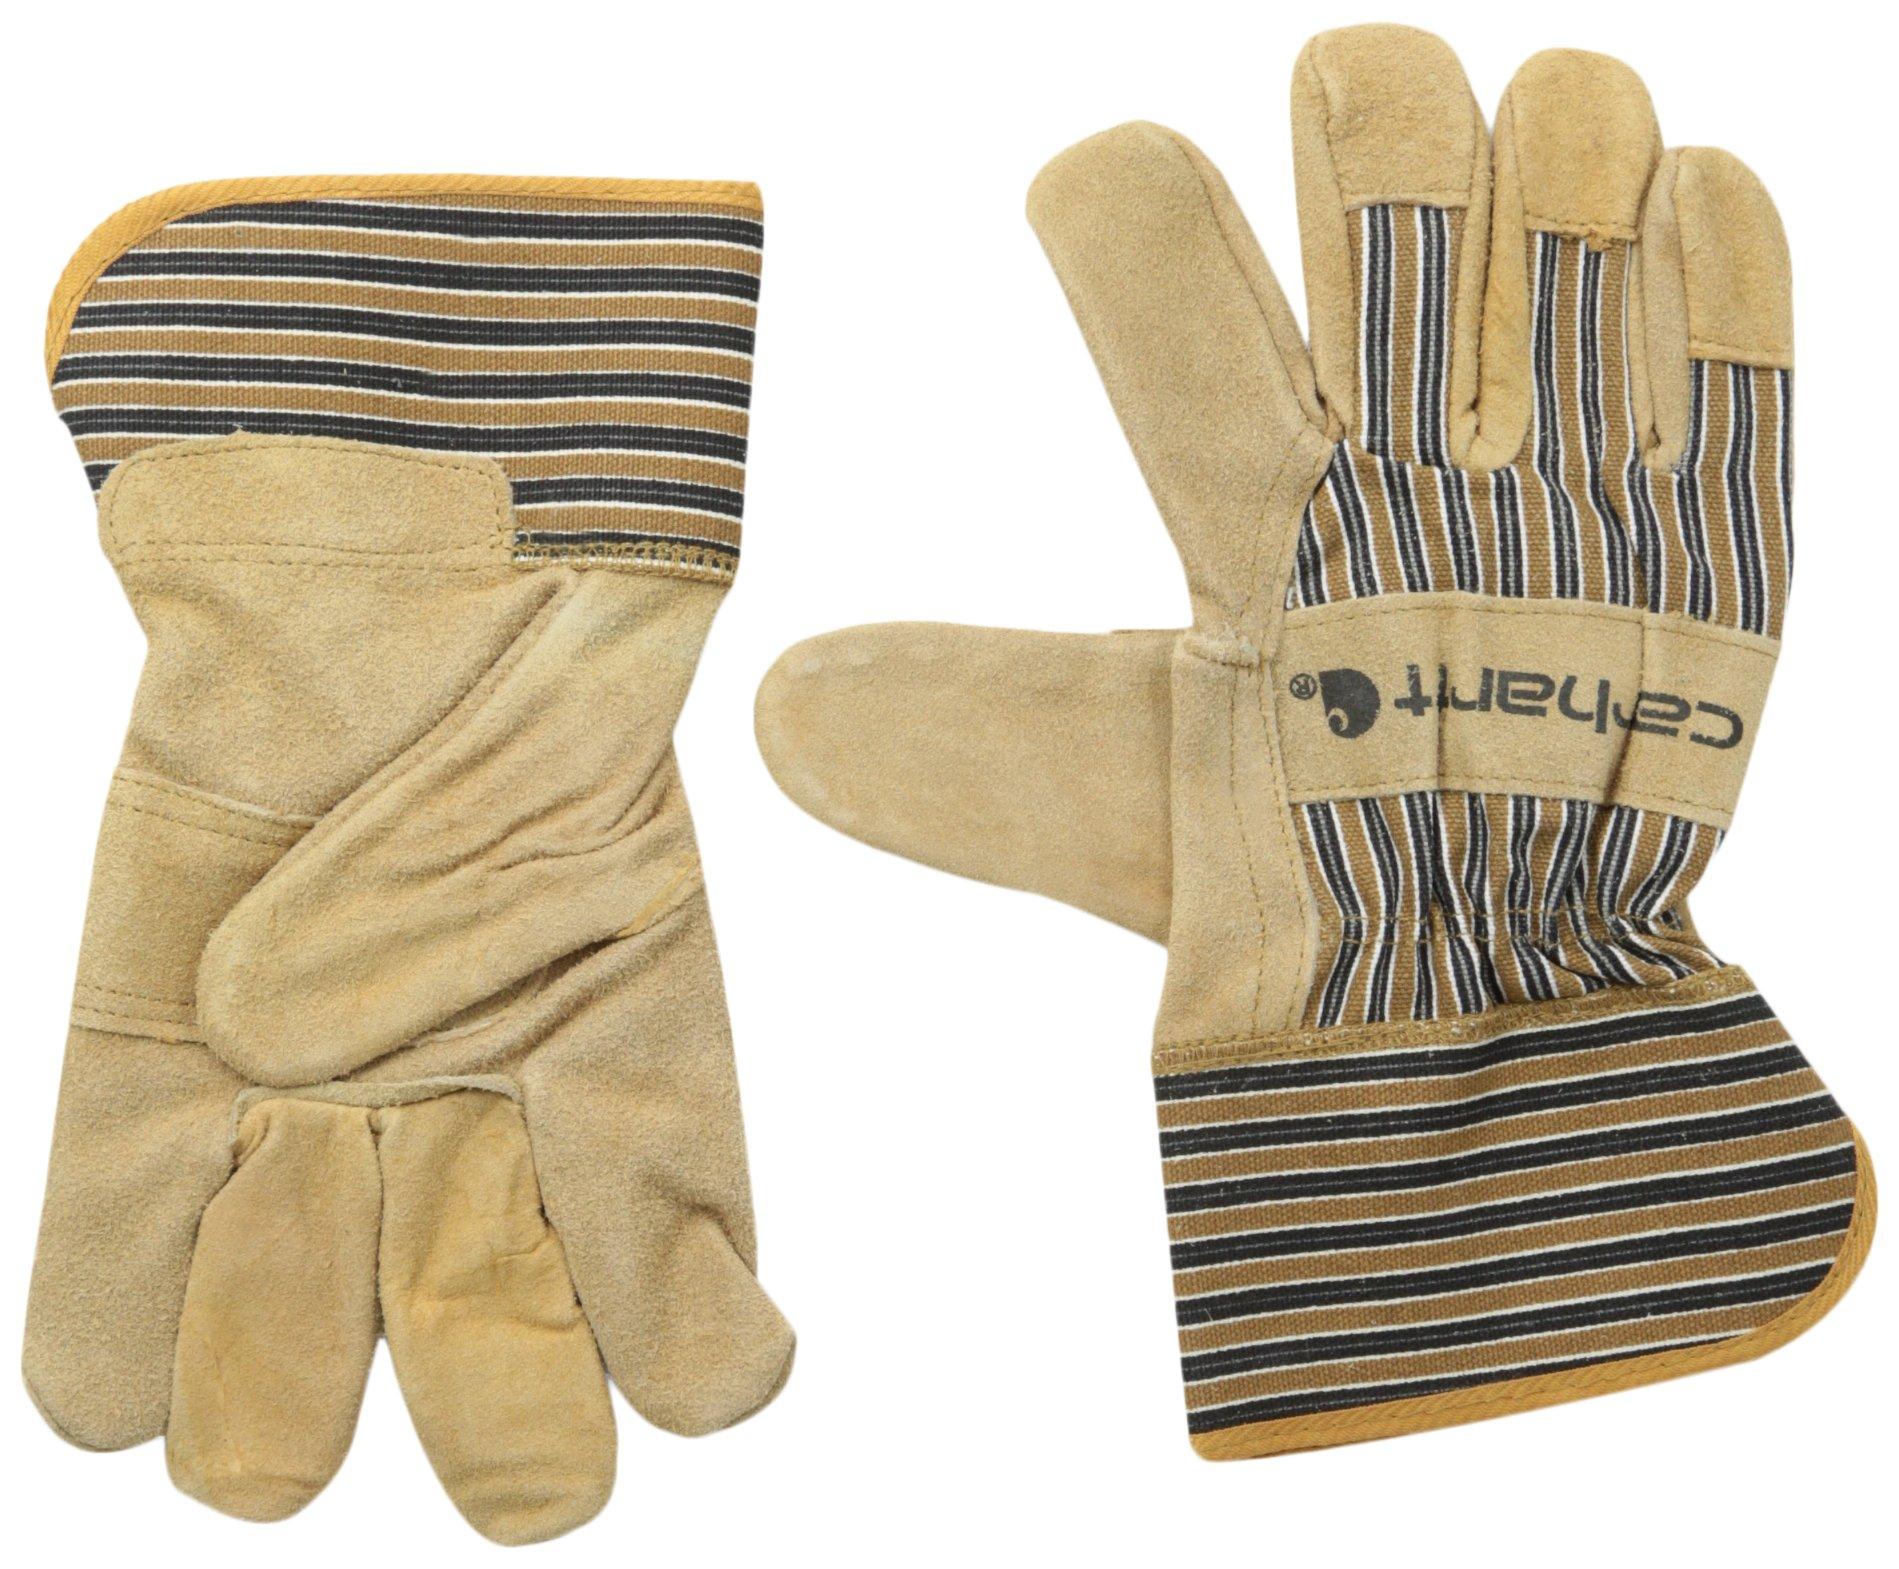 Carhartt Men's Suede Work Glove with Safety Cuff, Brown, Medium